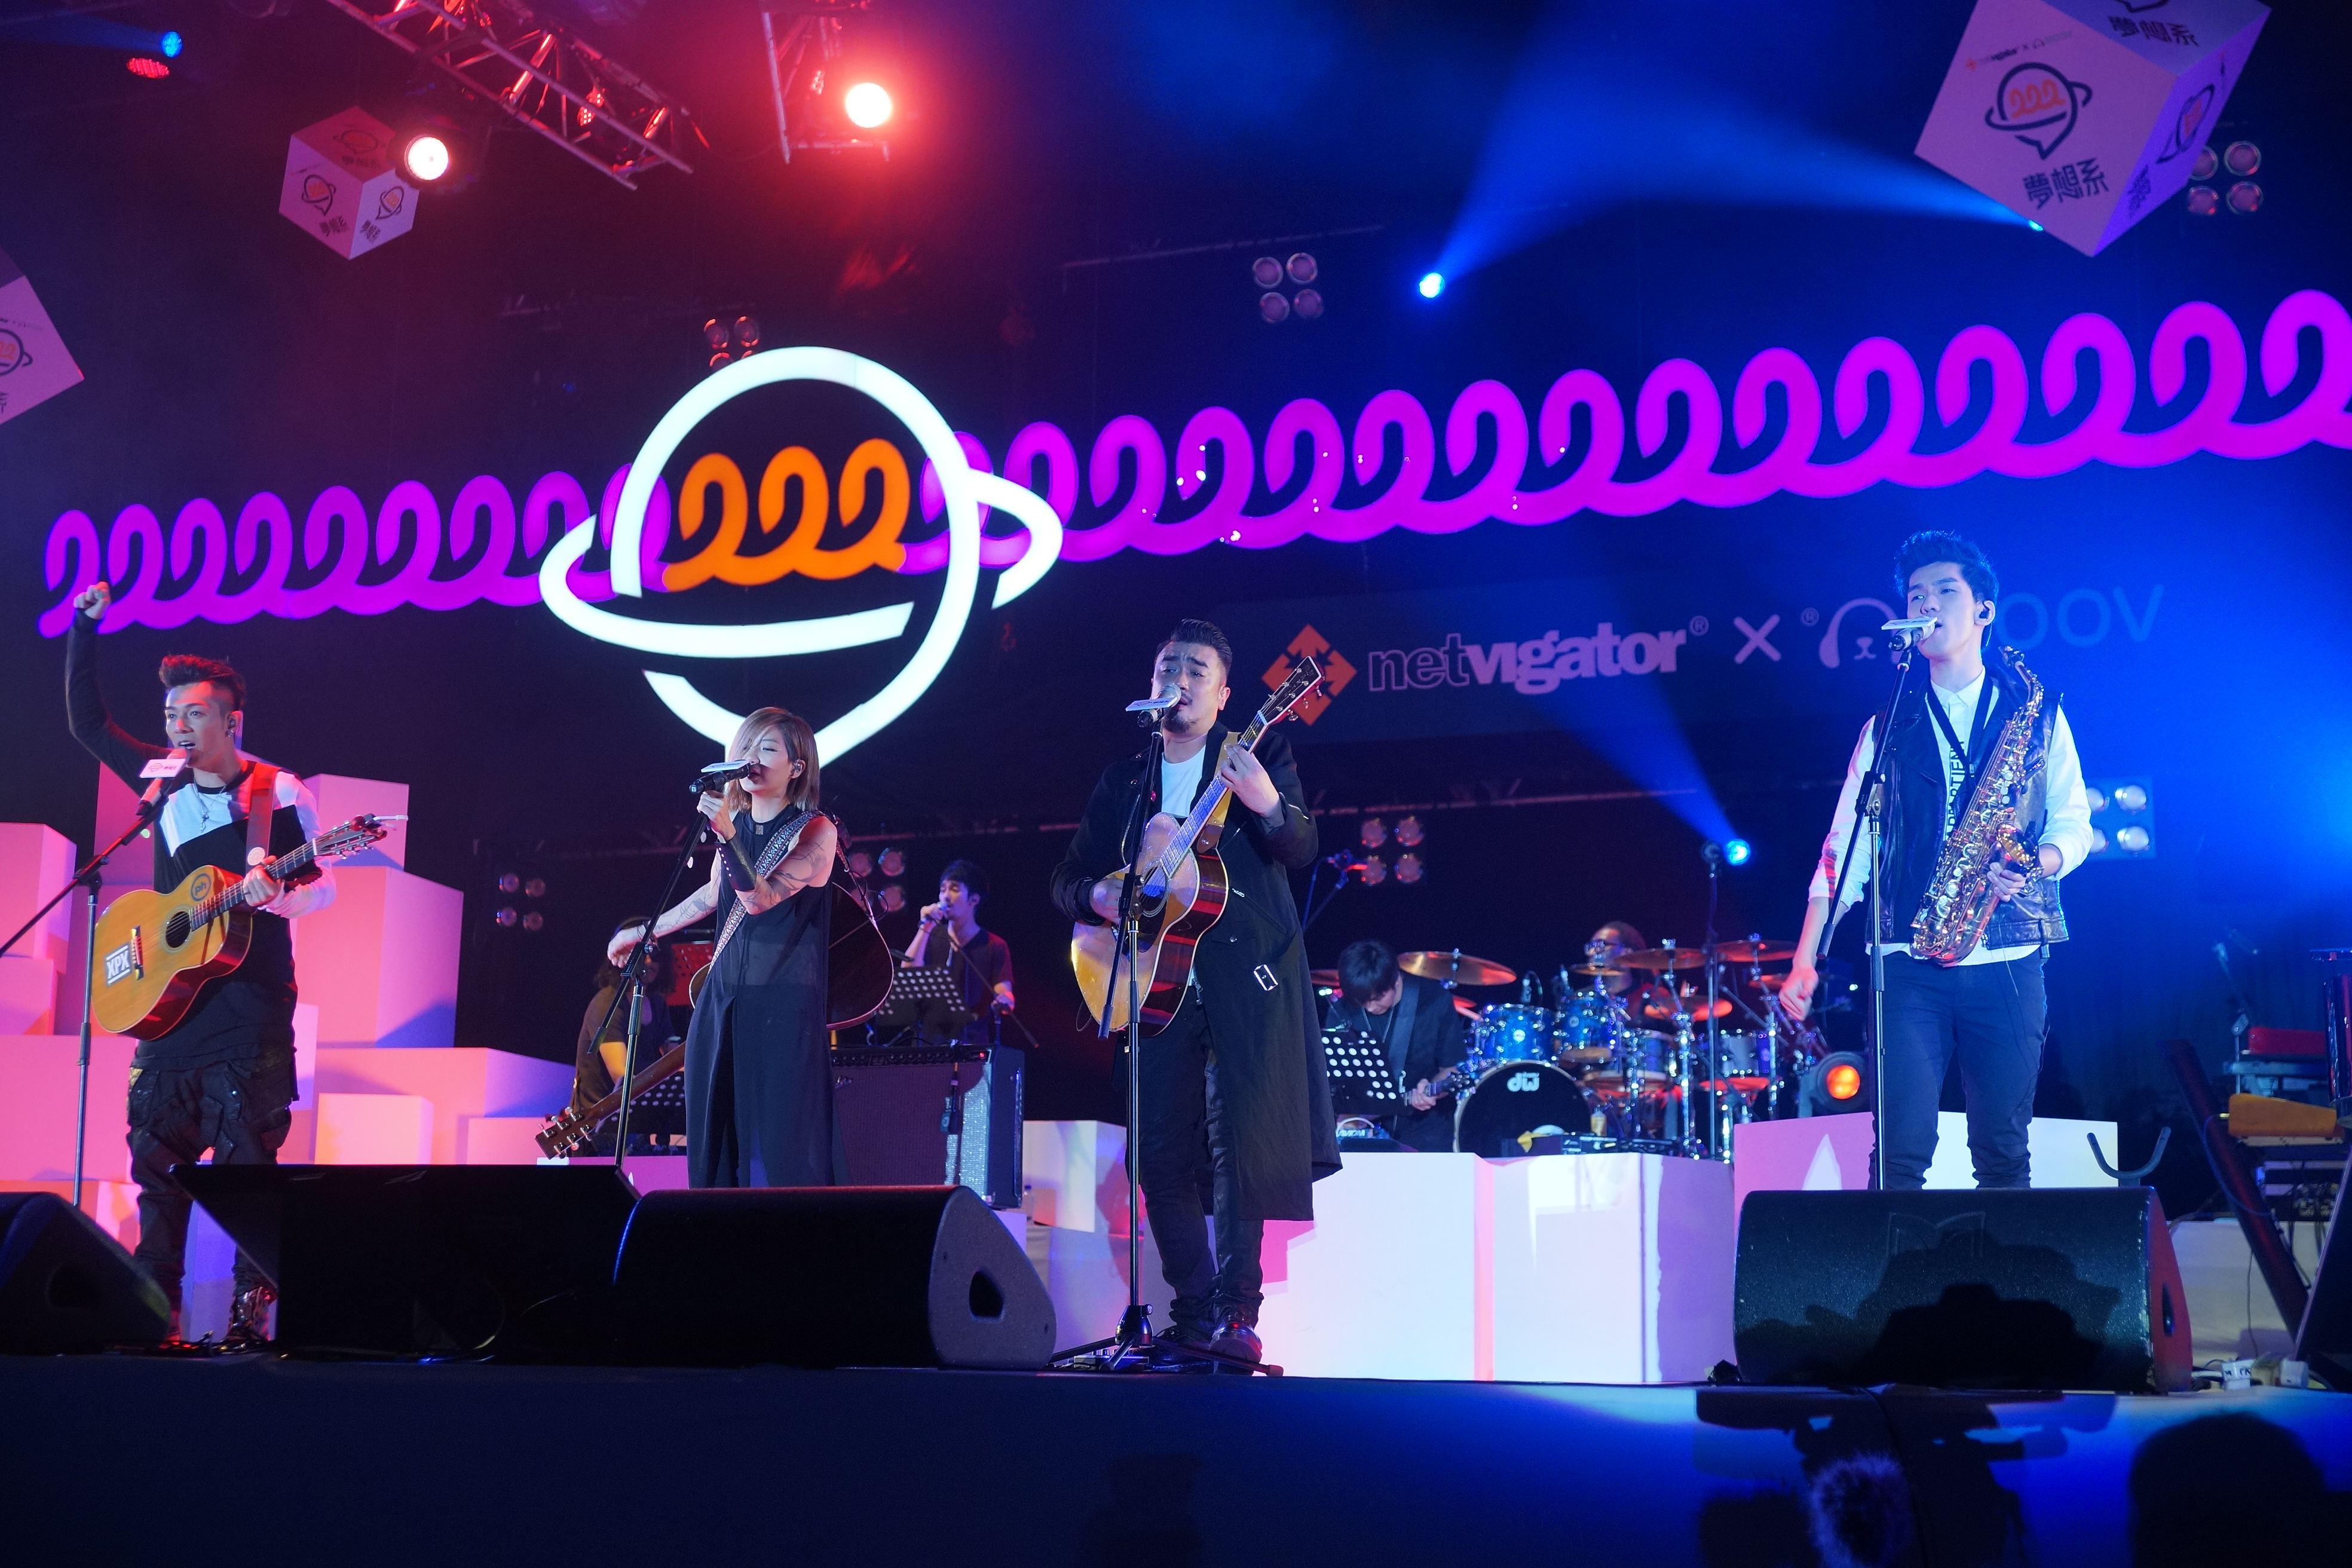 (左起)周柏豪、盧凱彤、恭碩良與林奕匡四位唱作歌手在台上夾Band jam歌。